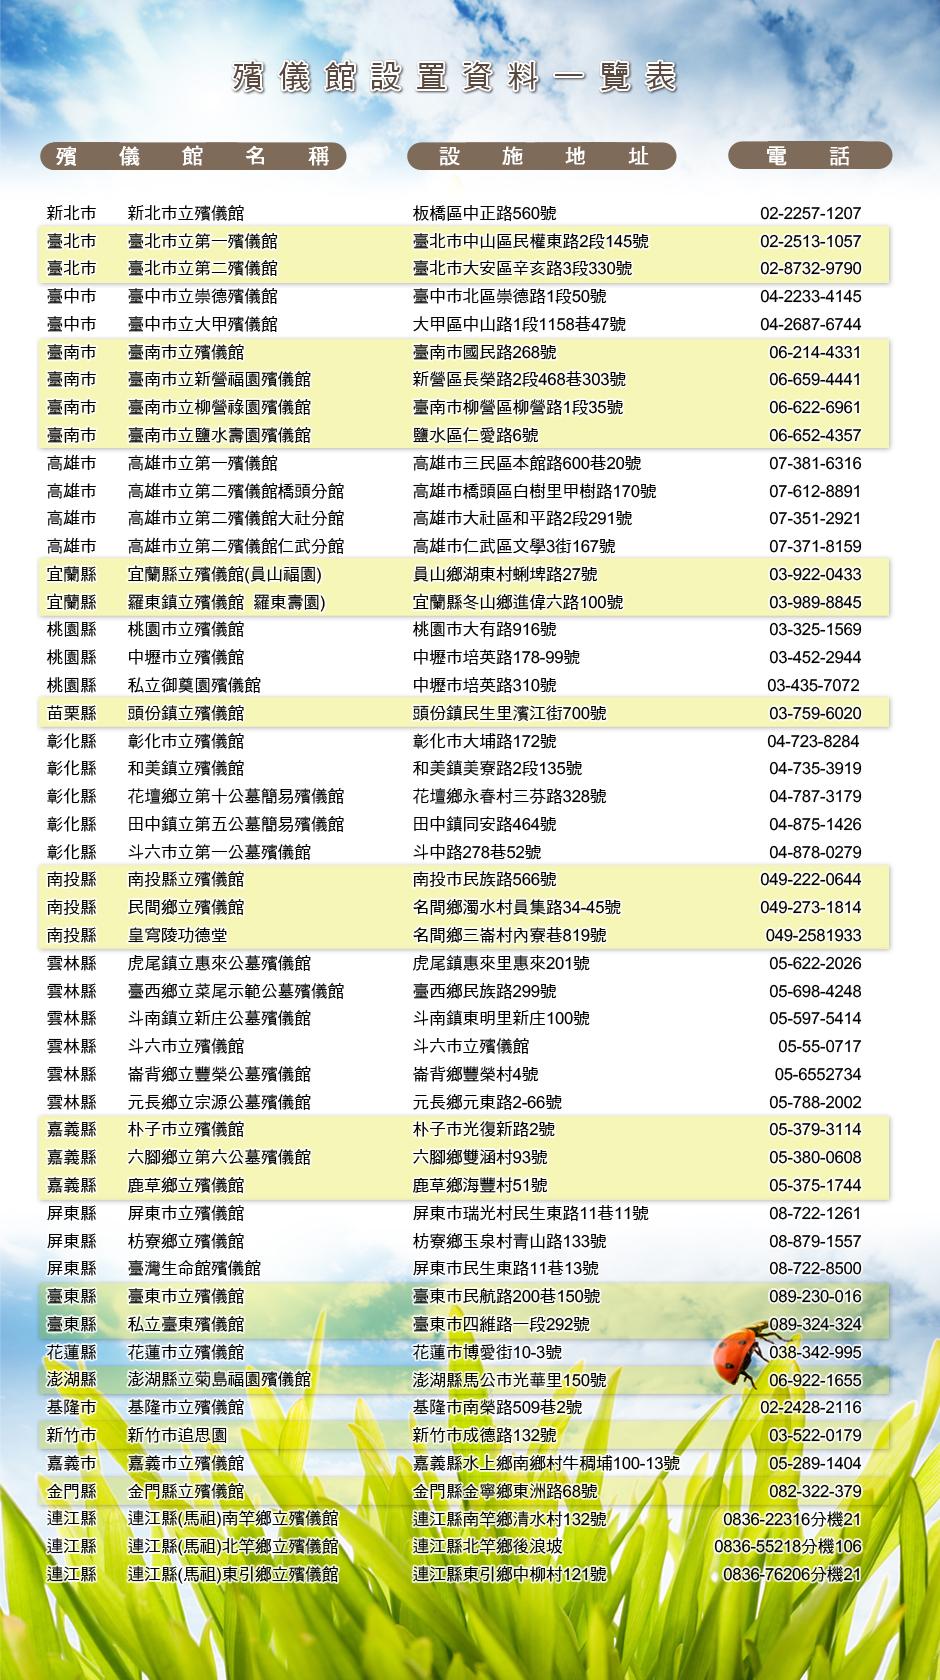 殯儀館設置資料一覽表